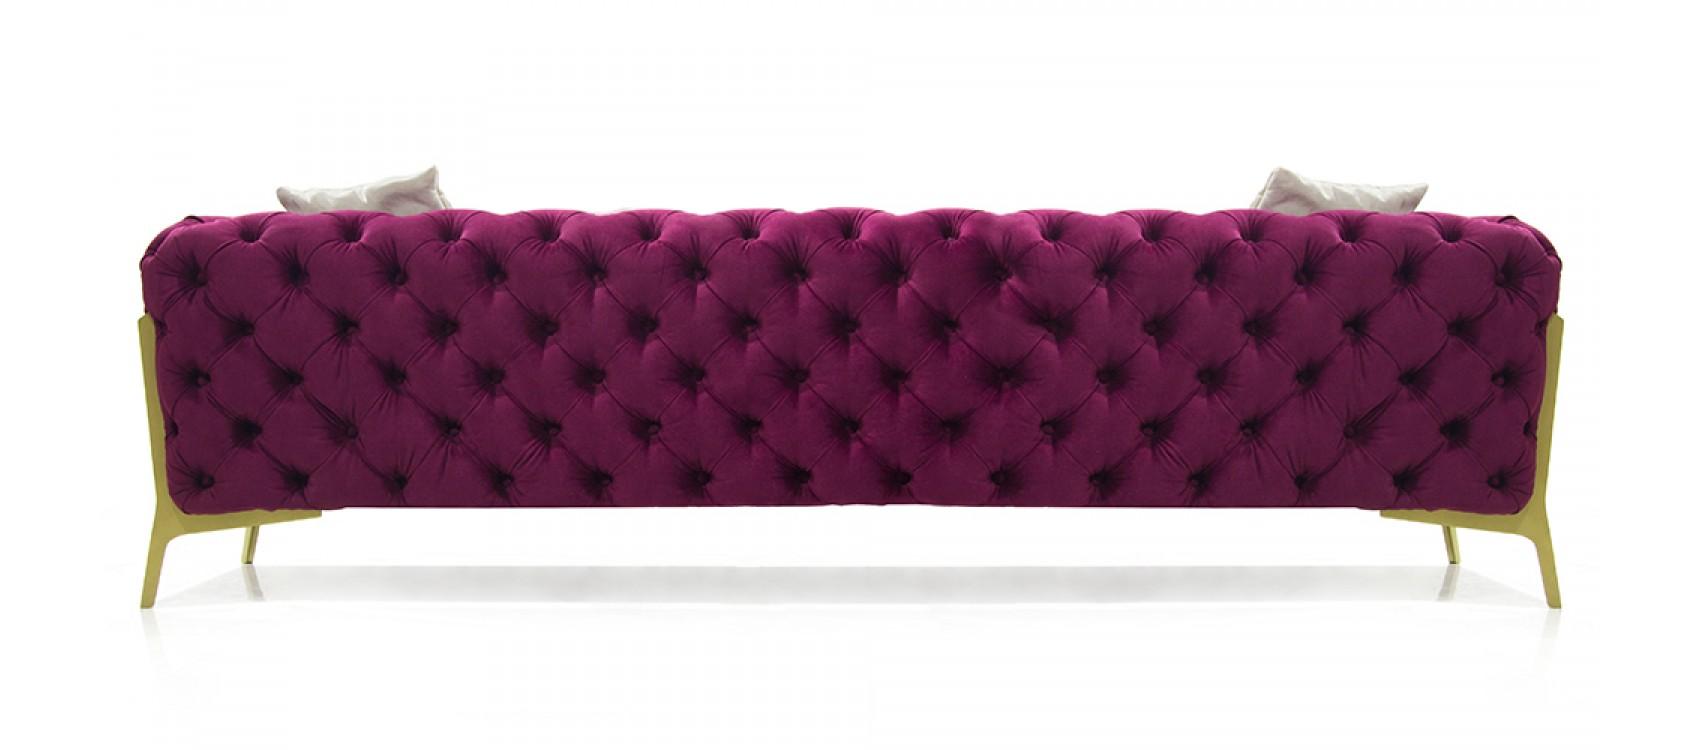 Sofa RICH фото 4